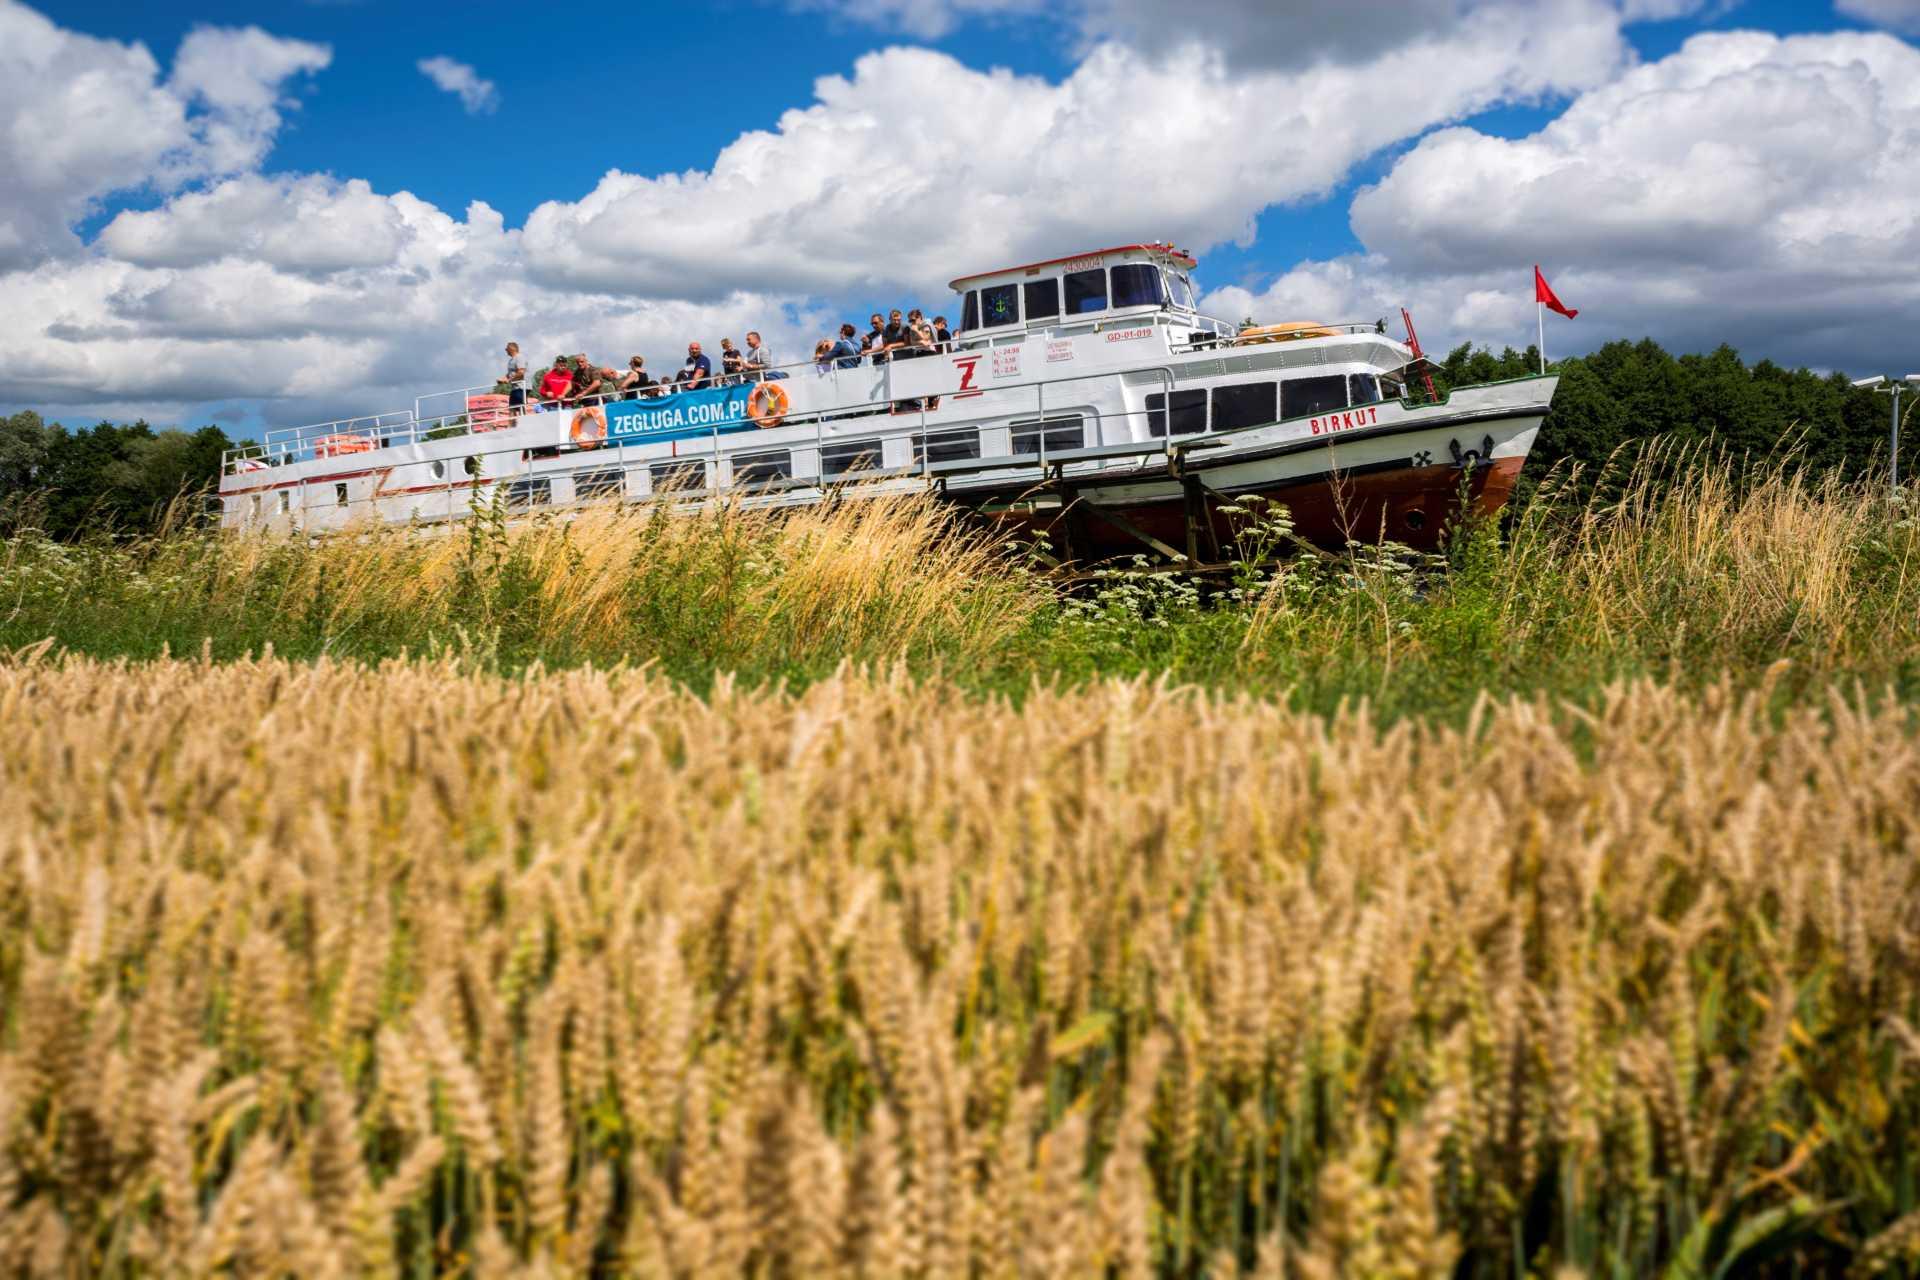 statkiem po trawie